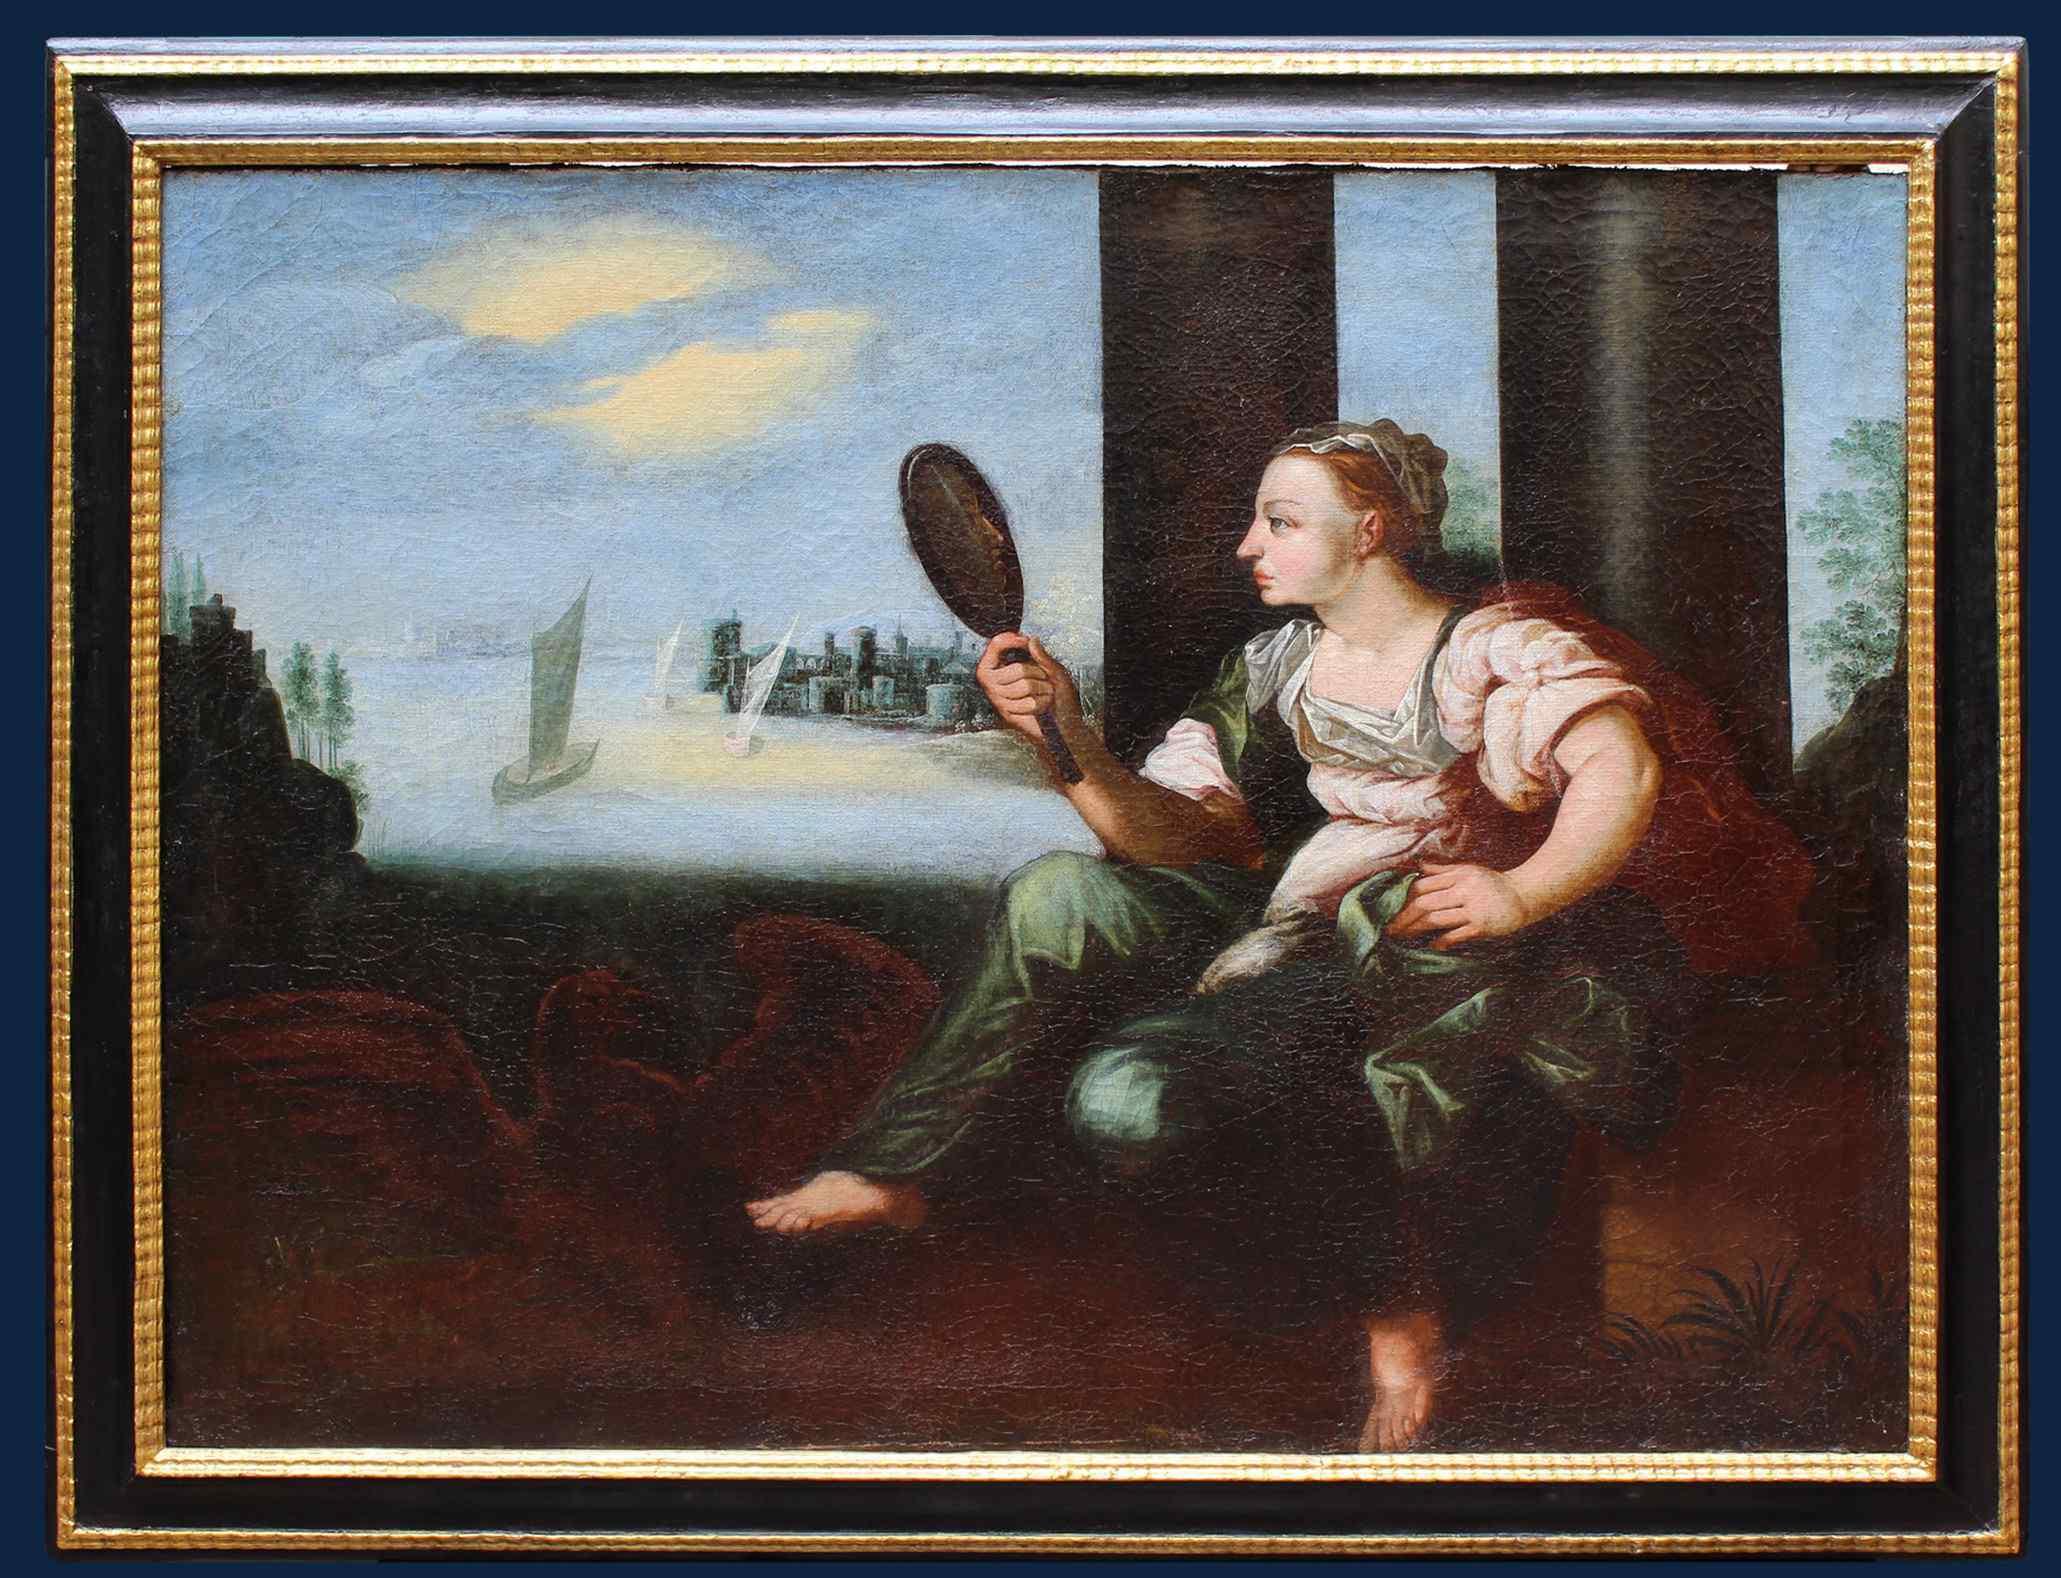 Scuola fiamminga, XVII secolo, ALLEGORIA DELLA VISTA